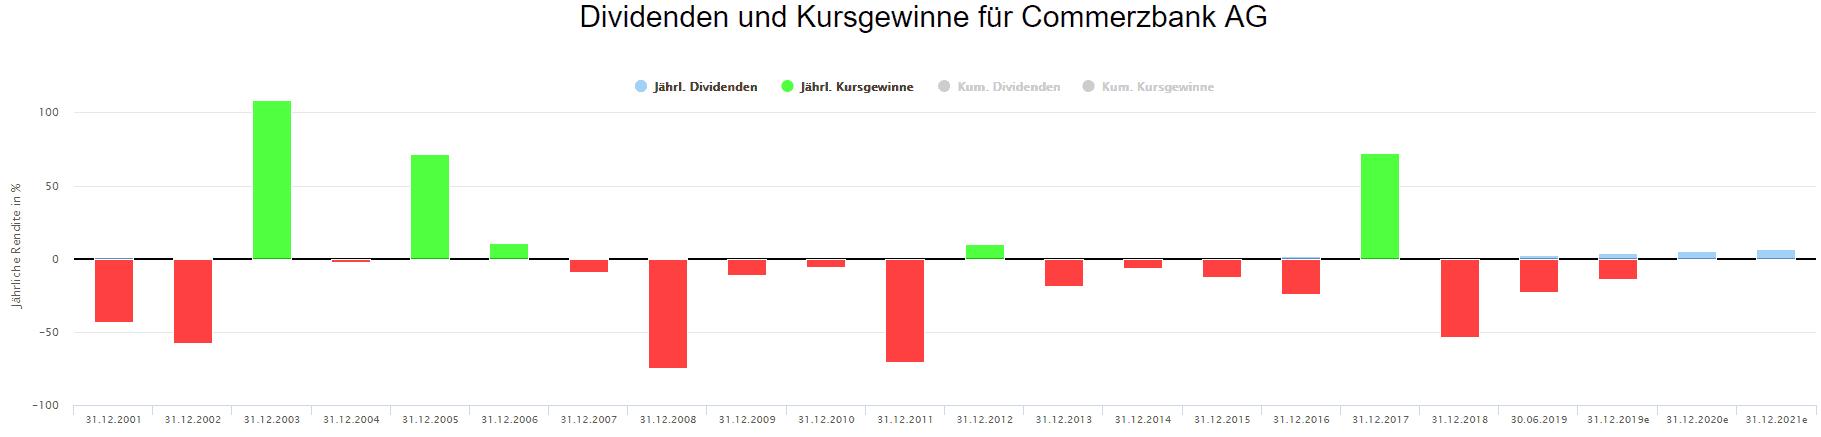 Performance der Commerzbank Aktie auf Jahresbasis (Quelle: Aktienfinder.Net)